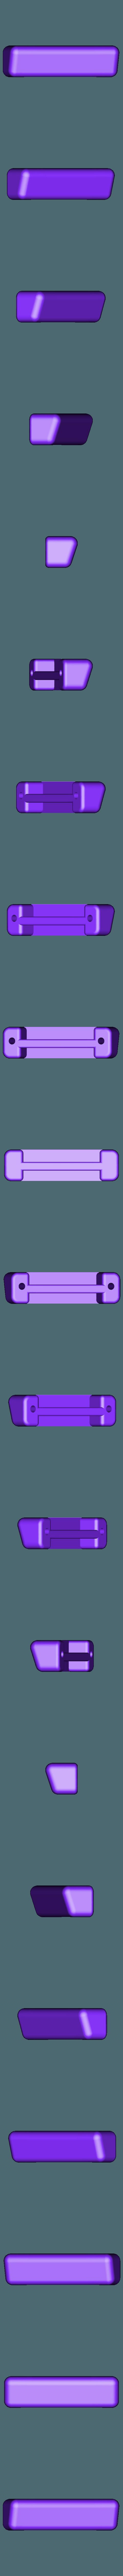 Front-Rear bumper.stl Télécharger fichier STL gratuit WLtoys A959 • Plan imprimable en 3D, EvolvingExtrusions